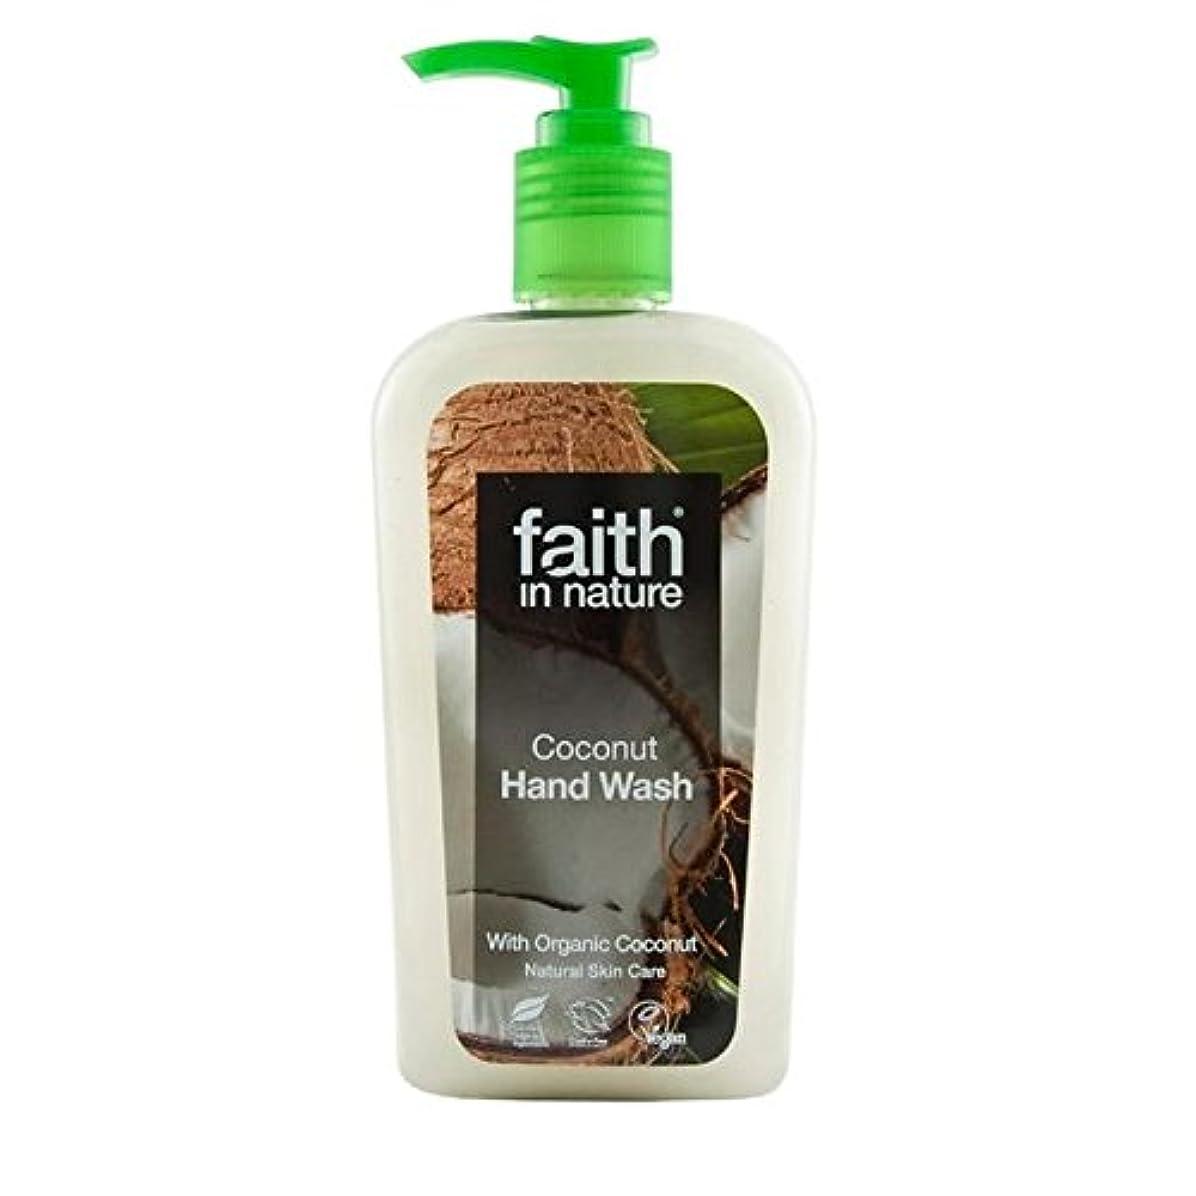 取り扱い有益な終了しましたFaith in Nature Coconut Handwash 300ml (Pack of 6) - (Faith In Nature) 自然ココナッツ手洗いの300ミリリットルの信仰 (x6) [並行輸入品]